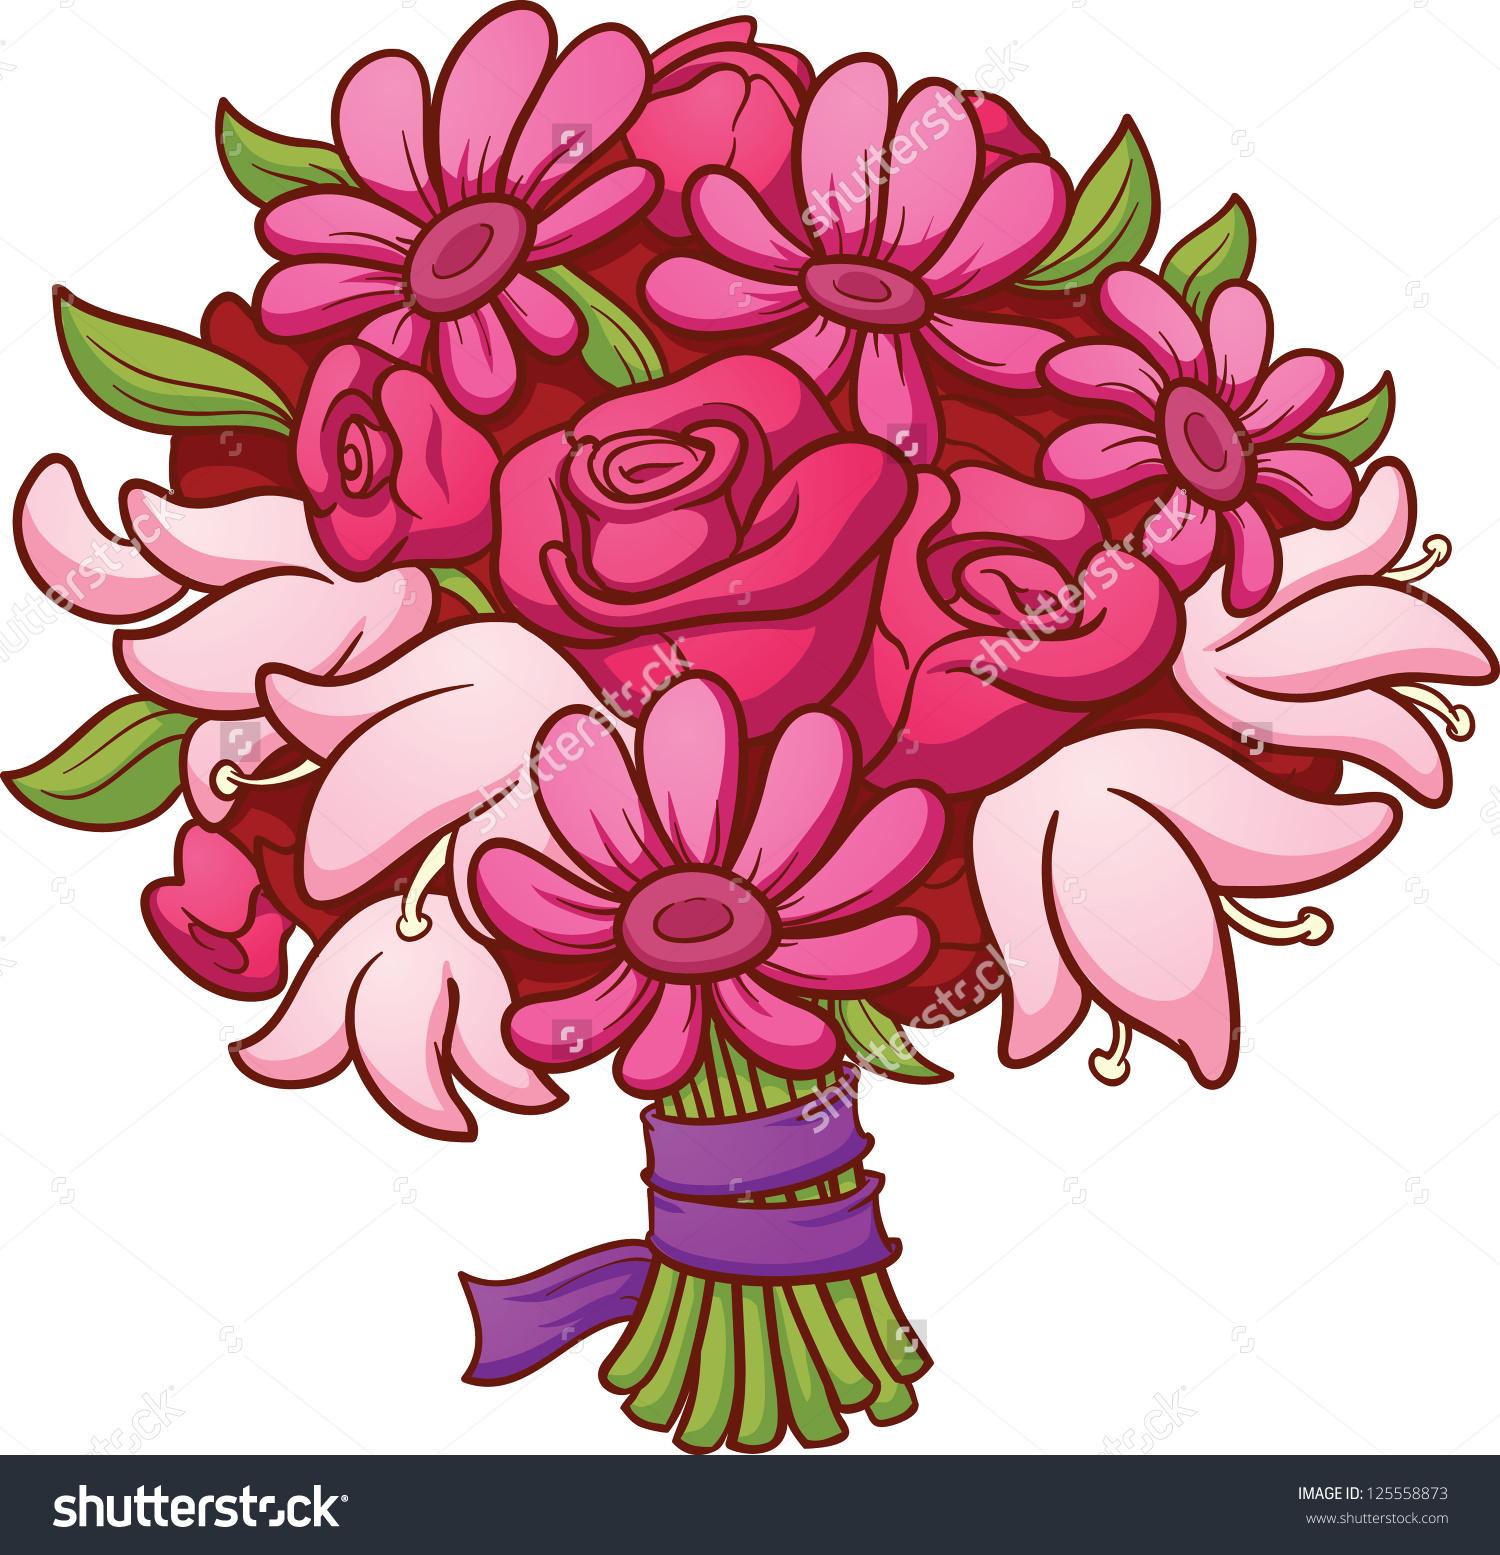 Clip art ideas medium. Bouquet clipart spring flower bouquet